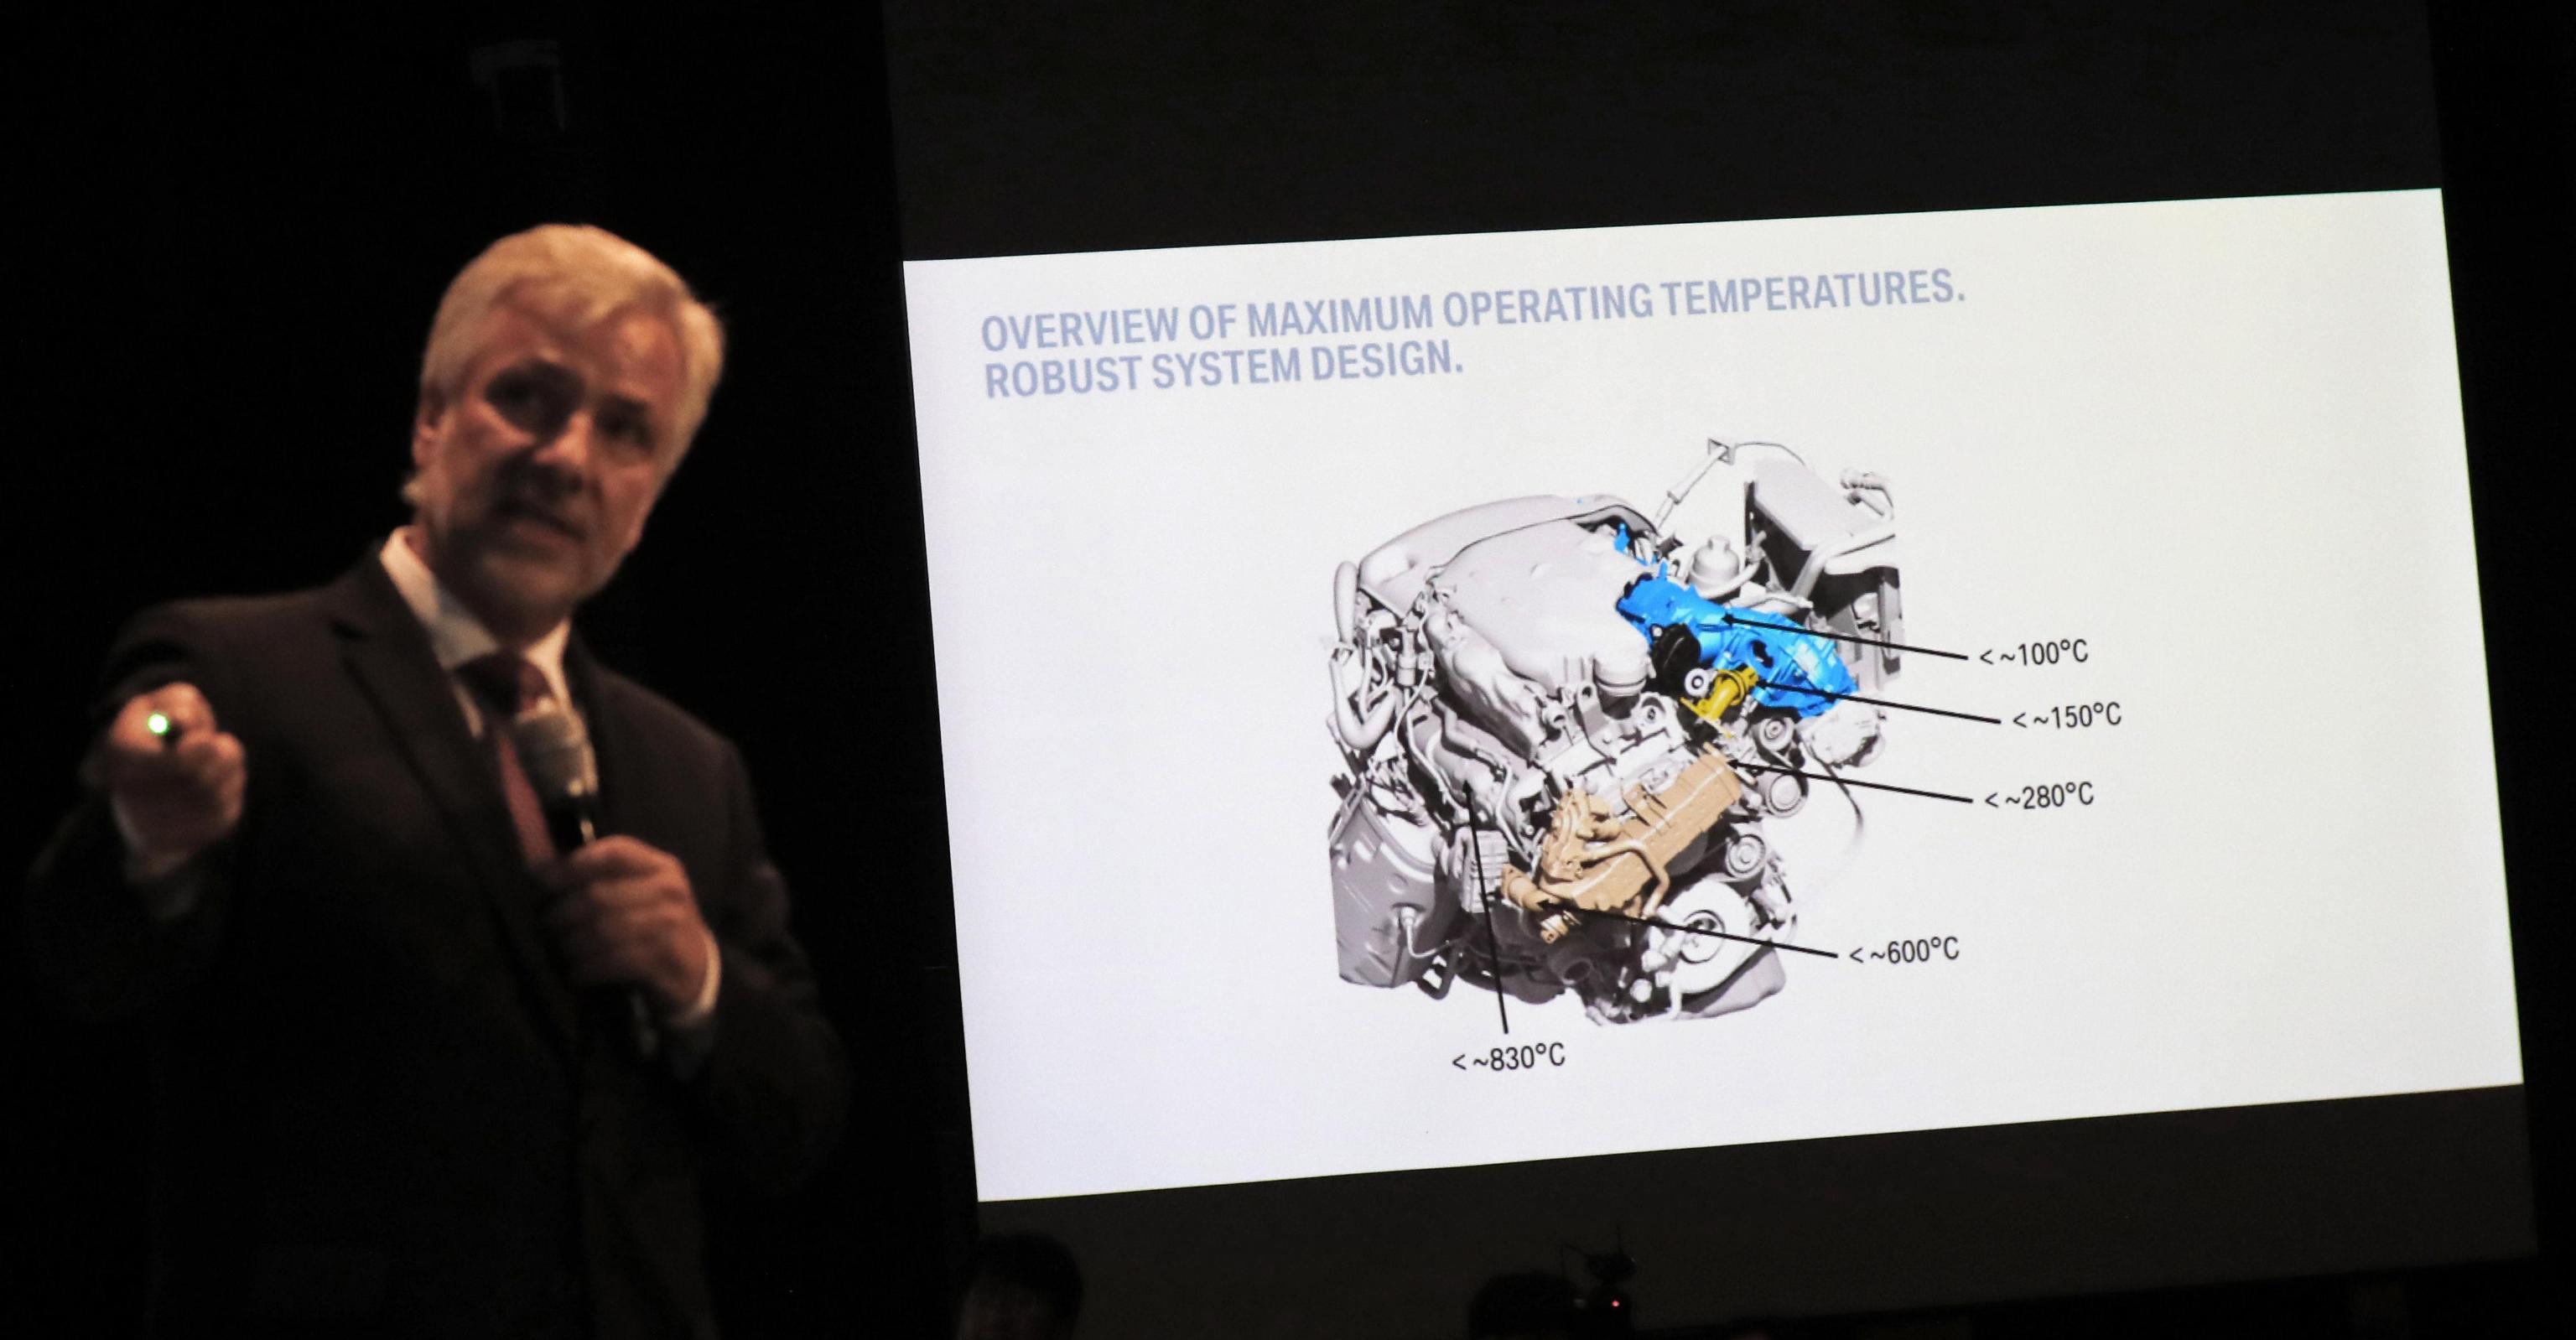 Bmw richiama circa 324mila veicoli diesel in Europa per un pericoloso malfunzionamento